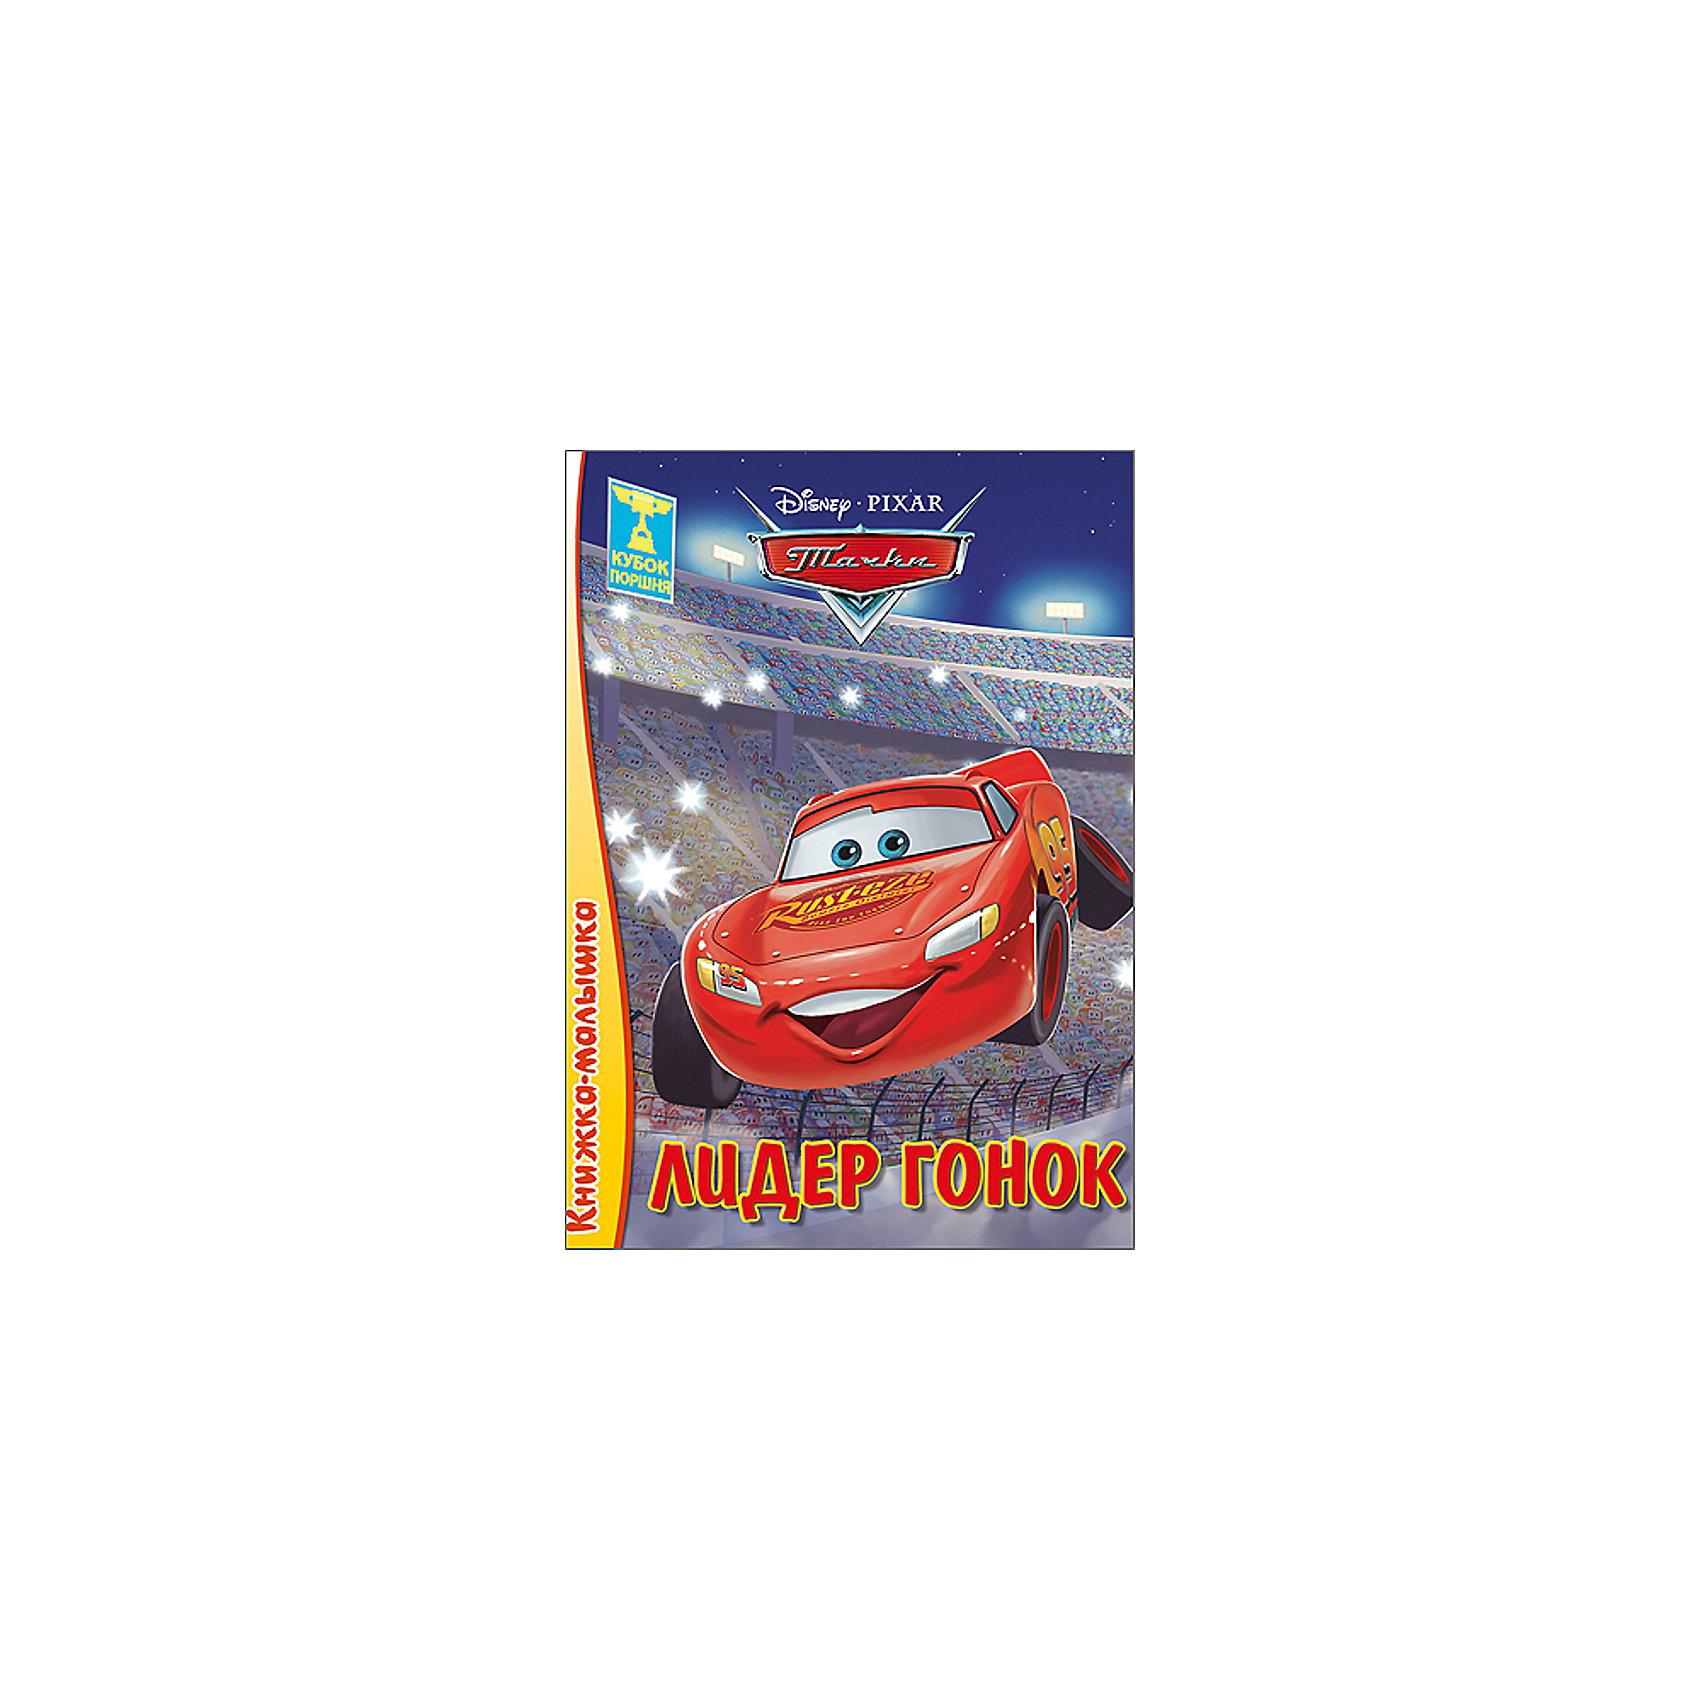 Книжка-малышка Лидер гонок, ТачкиКнижка-малышка Лидер гонок, Тачки – красочно иллюстрированная книжка небольшого формата об увлекательных приключениях гоночного автомобиля Молнии Маккуина.<br>Книжки-малышки расскажут тебе о самых невероятных приключениях мира Disney (Дисней)! Как добиться поставленной цели? Всегда ли риск бывает оправдан? Можно ли достичь желаемого честным путём? Скорее открывай странички и читай увлекательную историю об участии Молнии Маккуина в главной гонке года. Книга оформлена яркими иллюстрациями, имеет плотные картонные страницы, которые удобно переворачивать даже самым юным читателям. Для детей дошкольного возраста. Для чтения взрослыми детям.<br><br>Дополнительная информация:<br><br>- Издательство: Проф-Пресс, 2015 г.<br>- Серия: Disney (Дисней). Книжка-малышка<br>- Переплет: цельнокрытый<br>- Тип обложки: картонная обложка, картонные страницы<br>- Оформление обложки: глянцевая ламинация<br>- Иллюстрации: цветные<br>- Количество страниц: 10<br>- Размер: 149x109x7 мм.<br>- Вес: 66 гр.<br><br>Книжку-малышку Лидер гонок, Тачки можно купить в нашем интернет-магазине.<br><br>Ширина мм: 110<br>Глубина мм: 5<br>Высота мм: 150<br>Вес г: 60<br>Возраст от месяцев: 36<br>Возраст до месяцев: 72<br>Пол: Унисекс<br>Возраст: Детский<br>SKU: 4500283